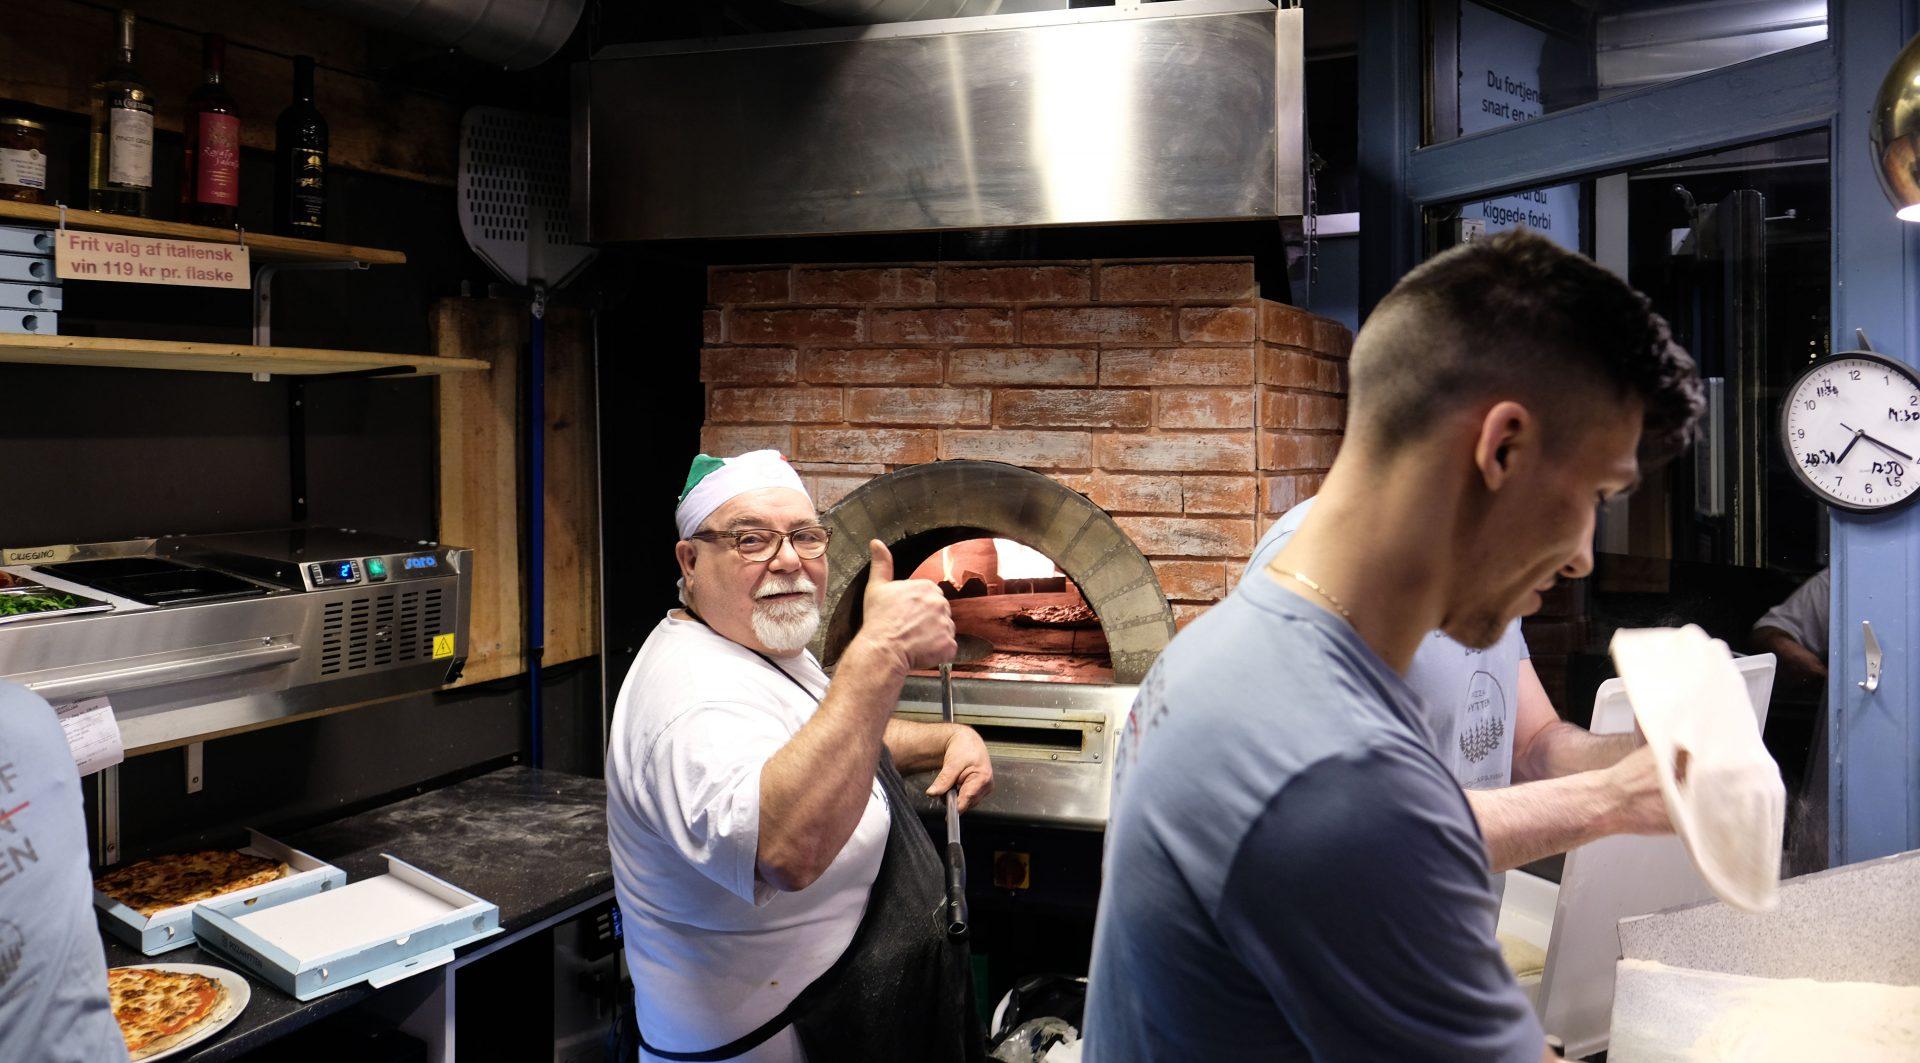 Pizzakæde i Aarhus udvider: Åbner restauranter på Sønder Allé og i Trøjborg Centret